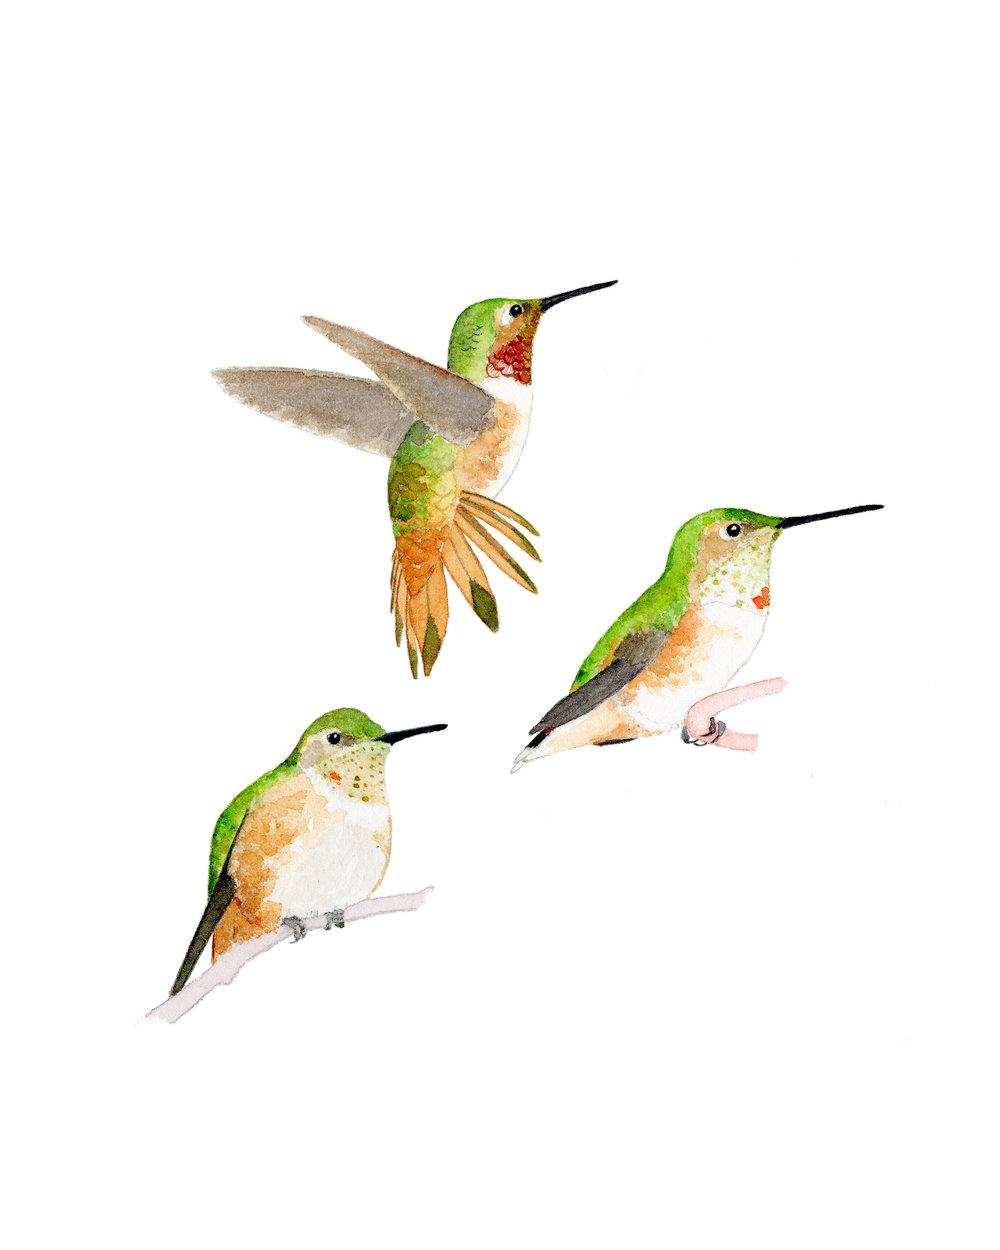 allens hummingbirds 2018.jpg